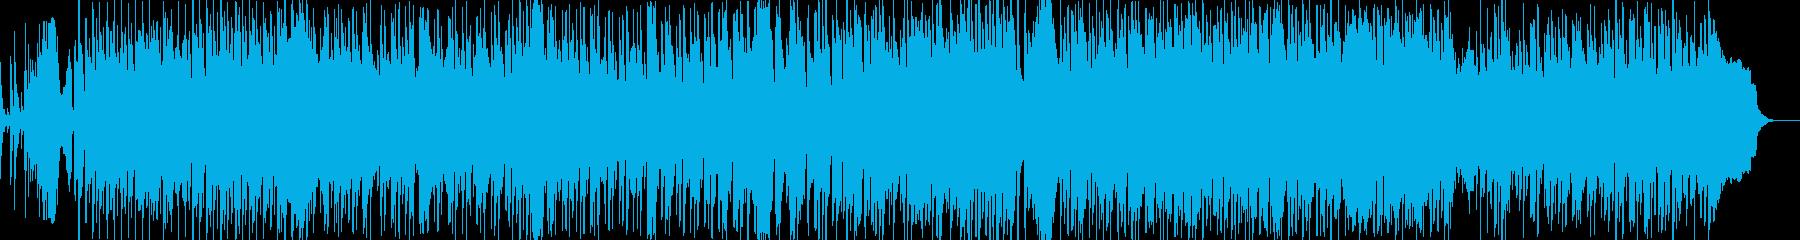 かわいい!明るく軽快なテクノポップ系の再生済みの波形